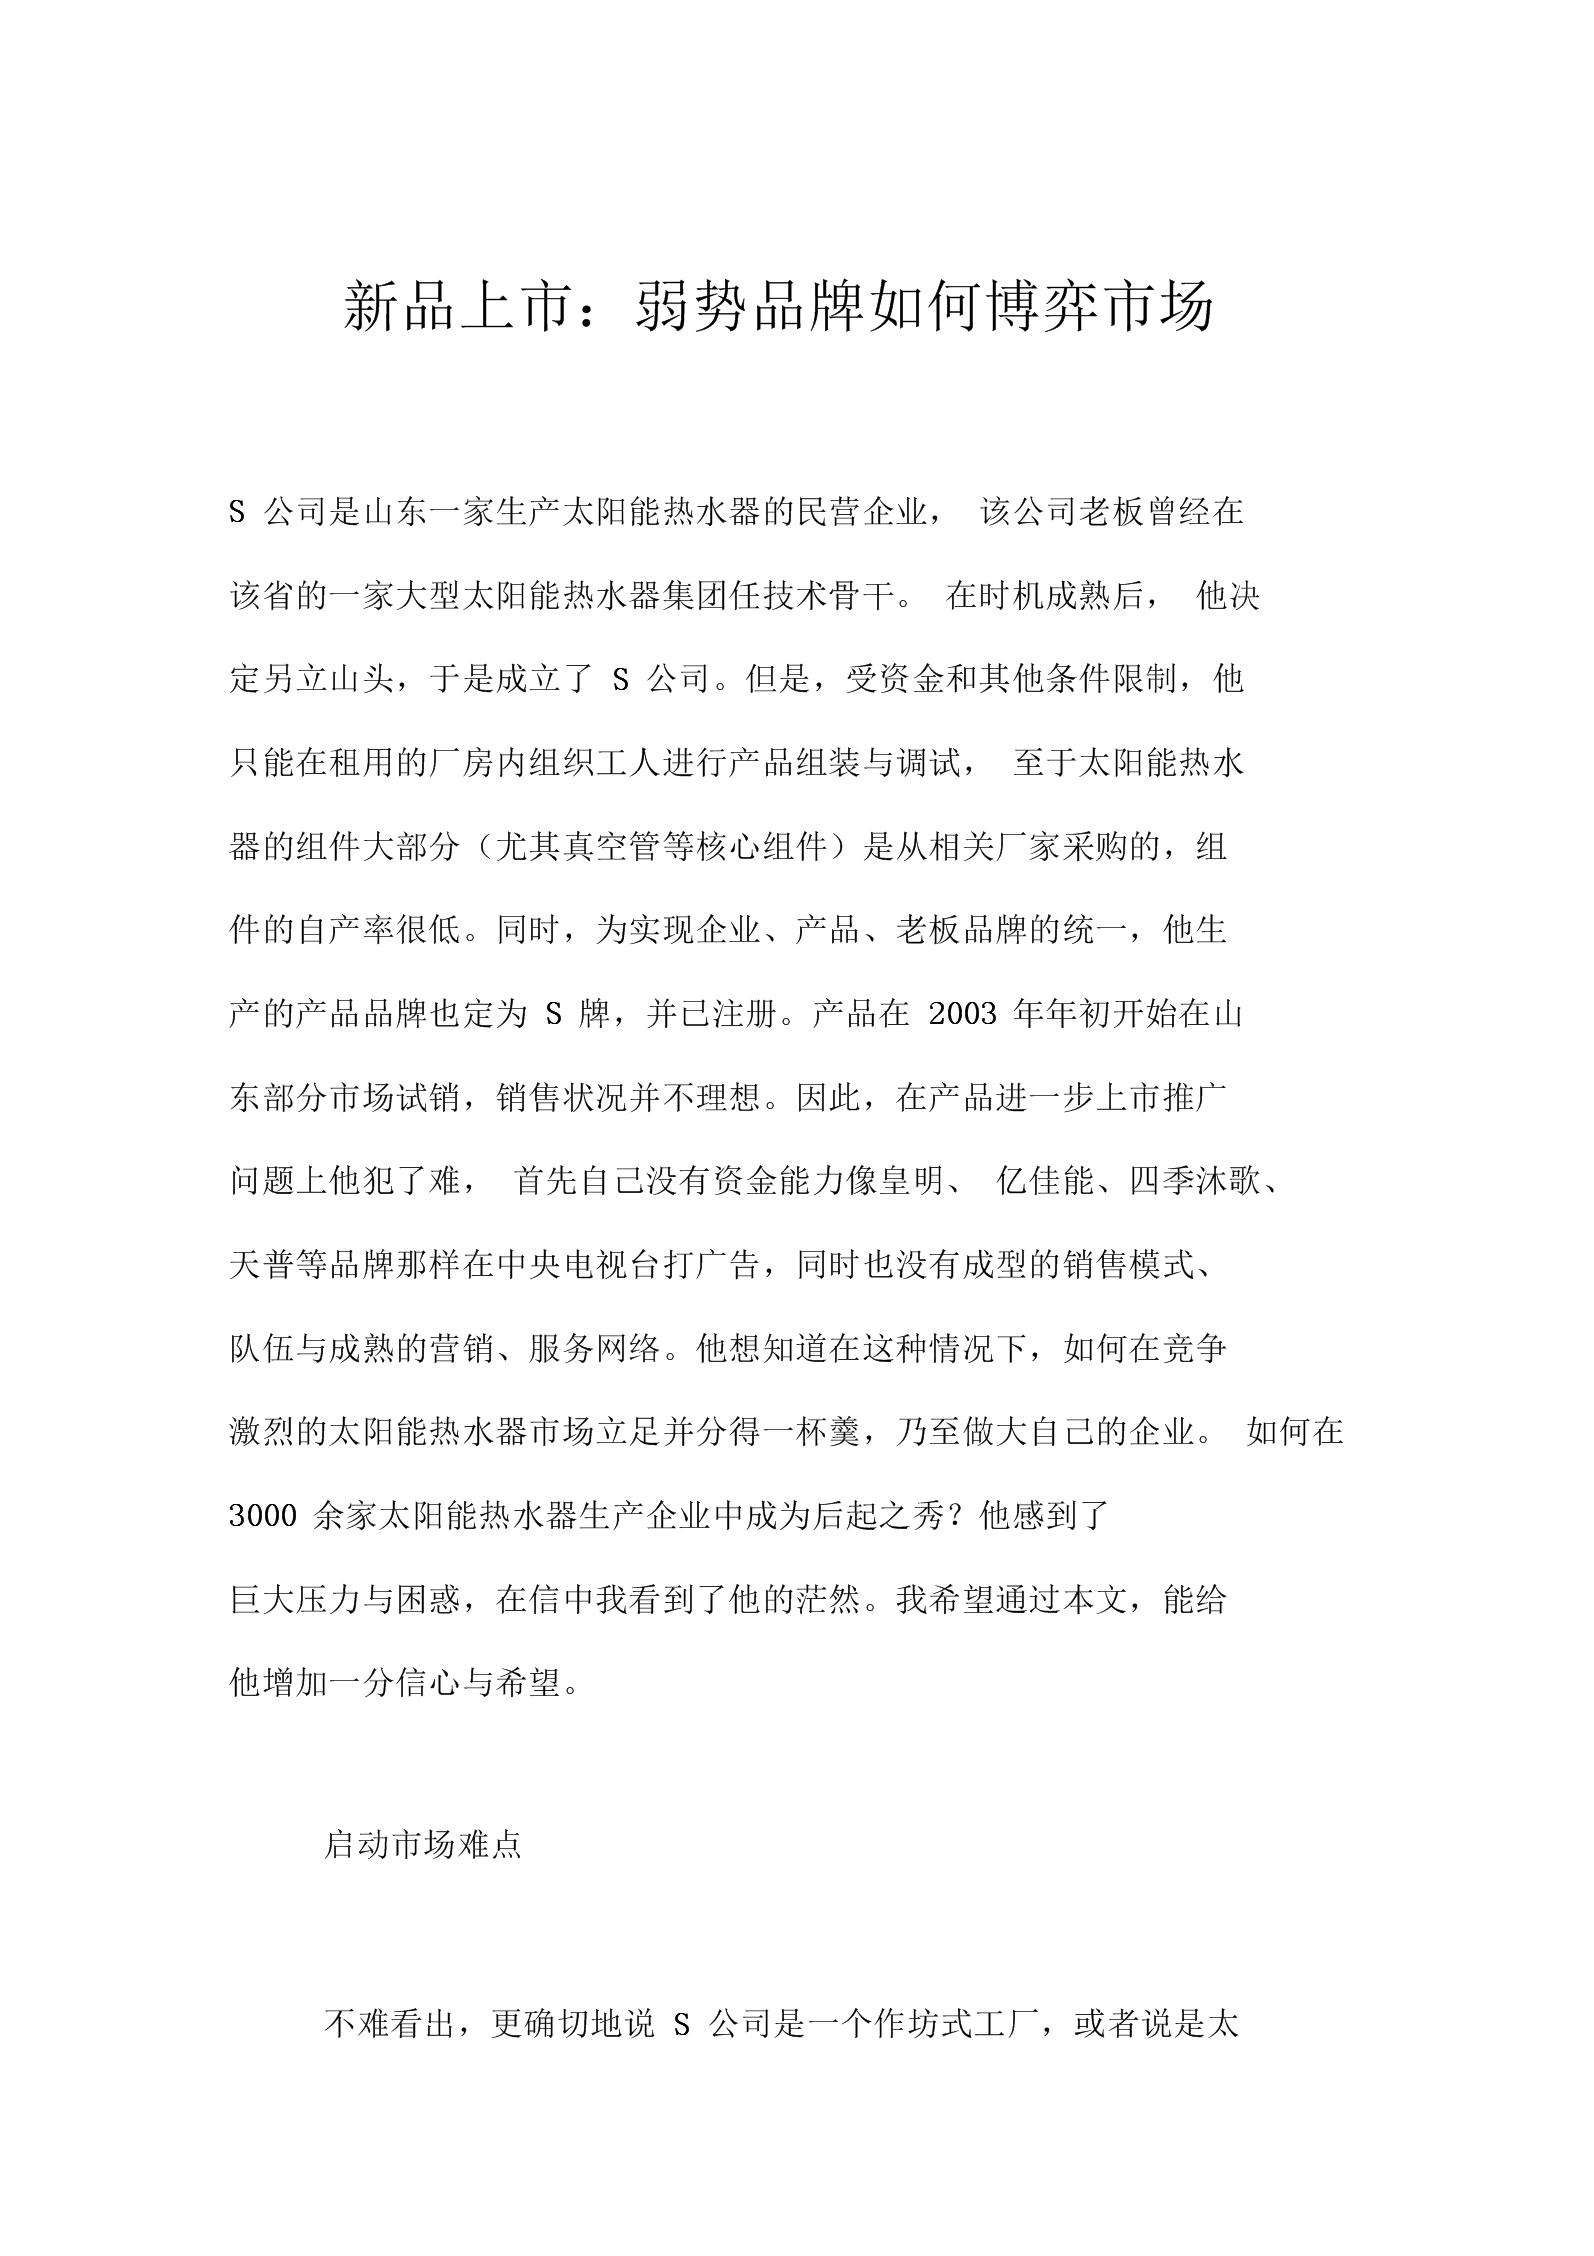 新品上市弱势品牌如何博弈市场(1).docx